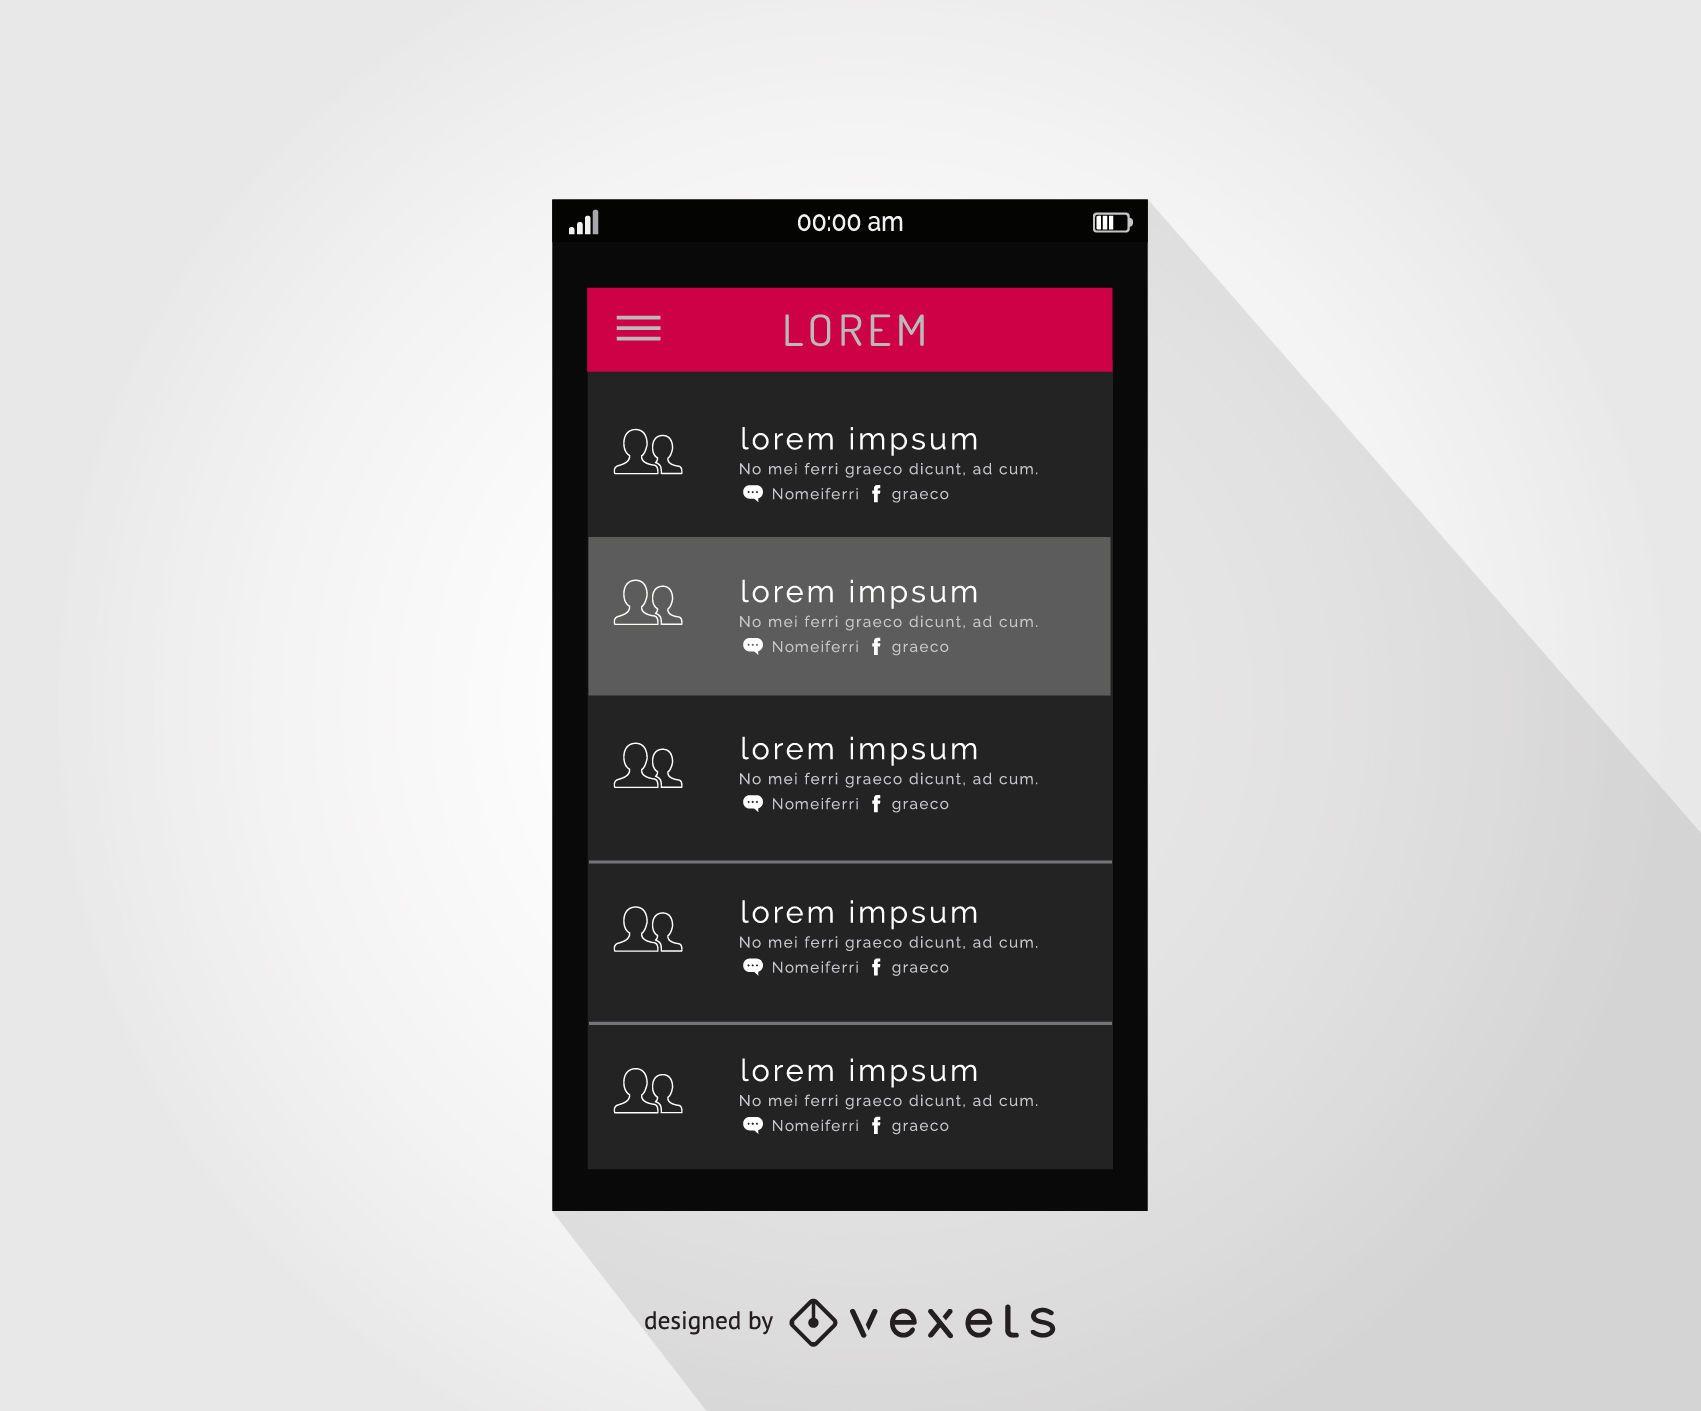 Diseño de interfaz de contactos de smartphone